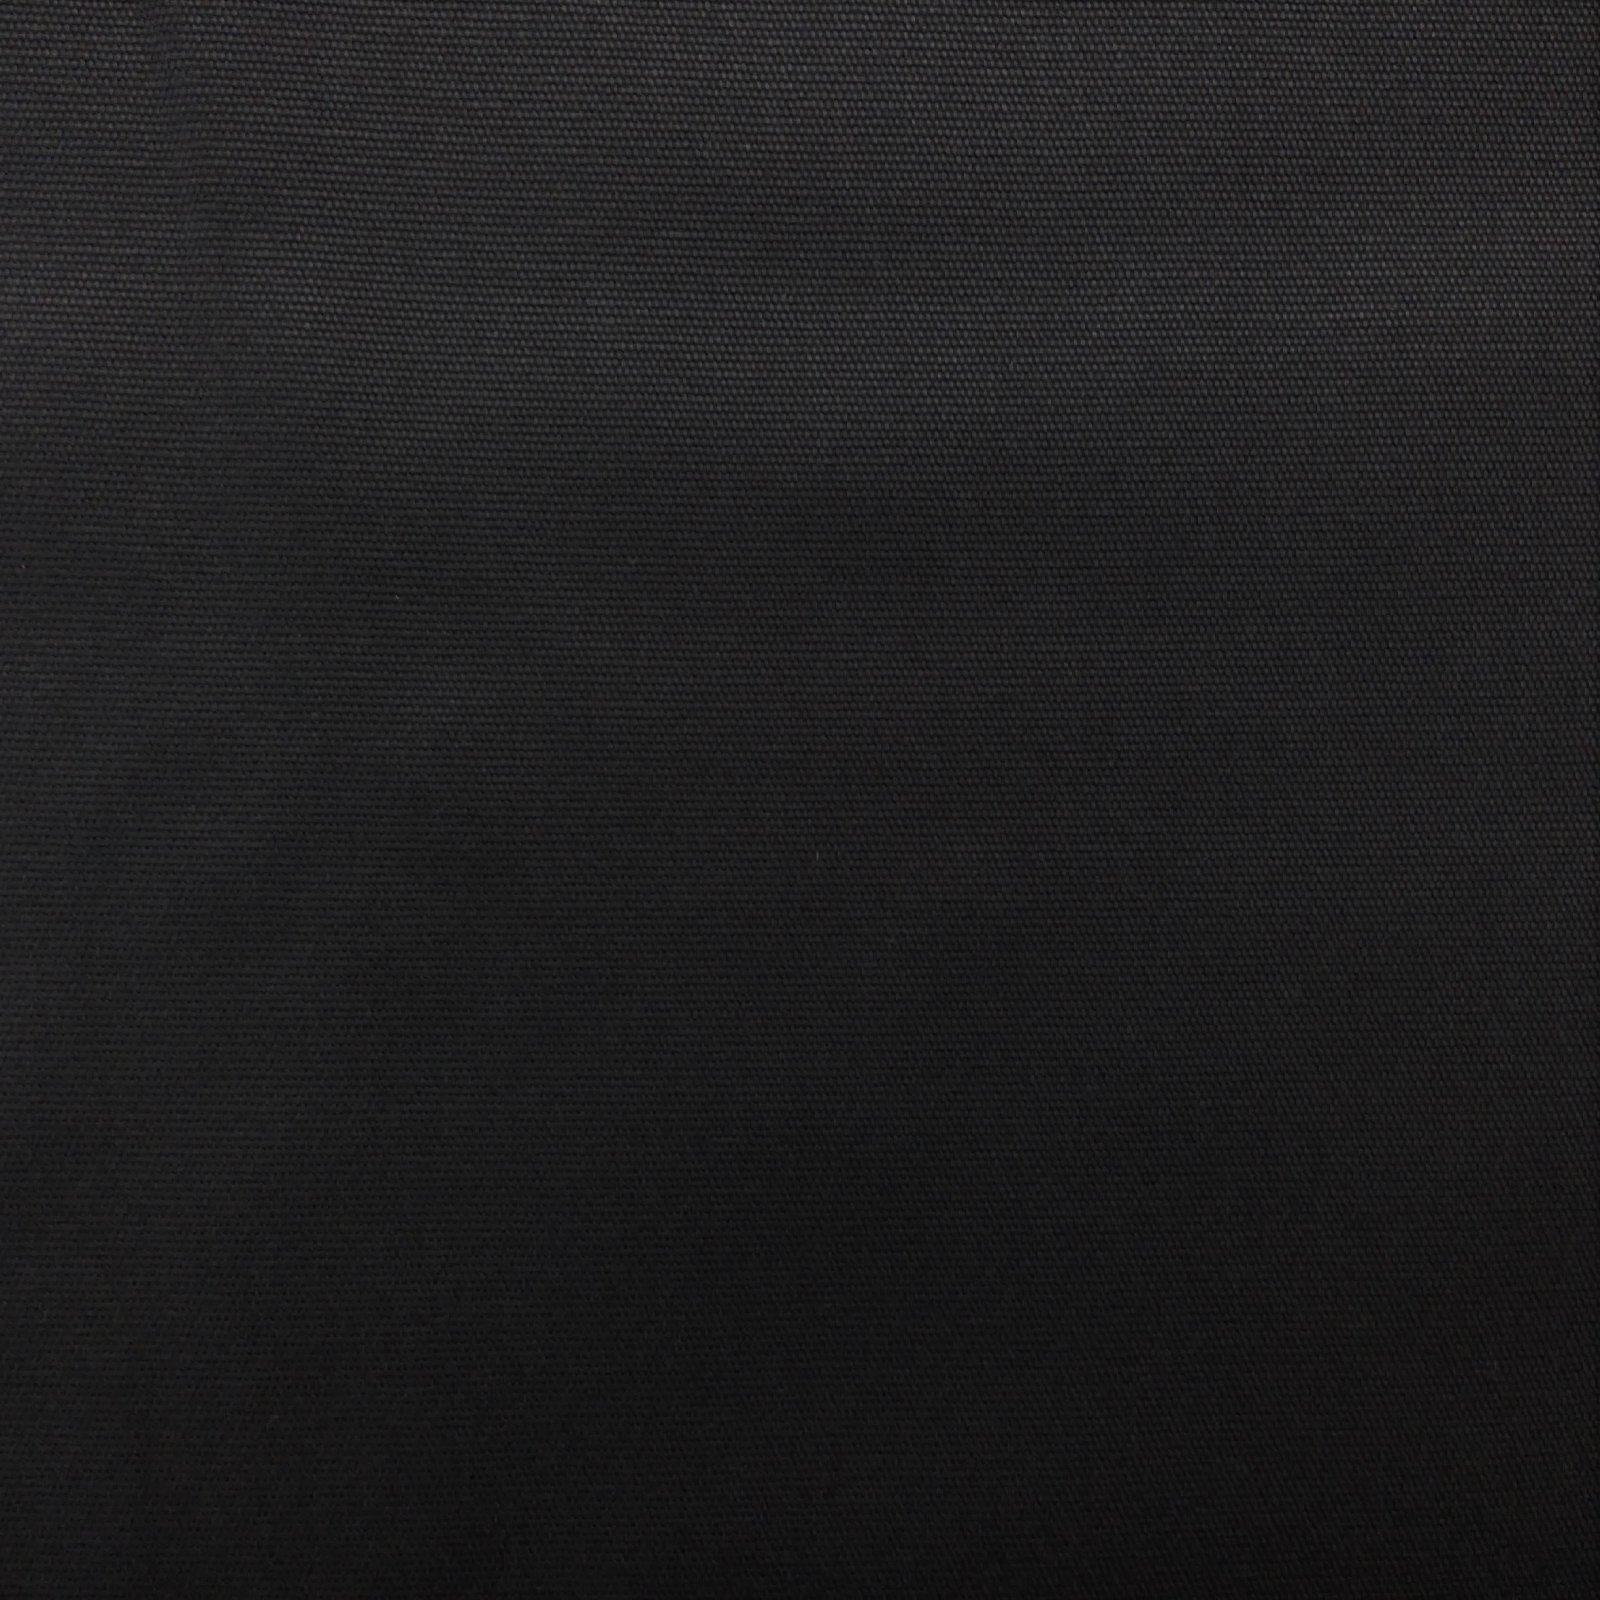 Canvas Solid 10 oz Black